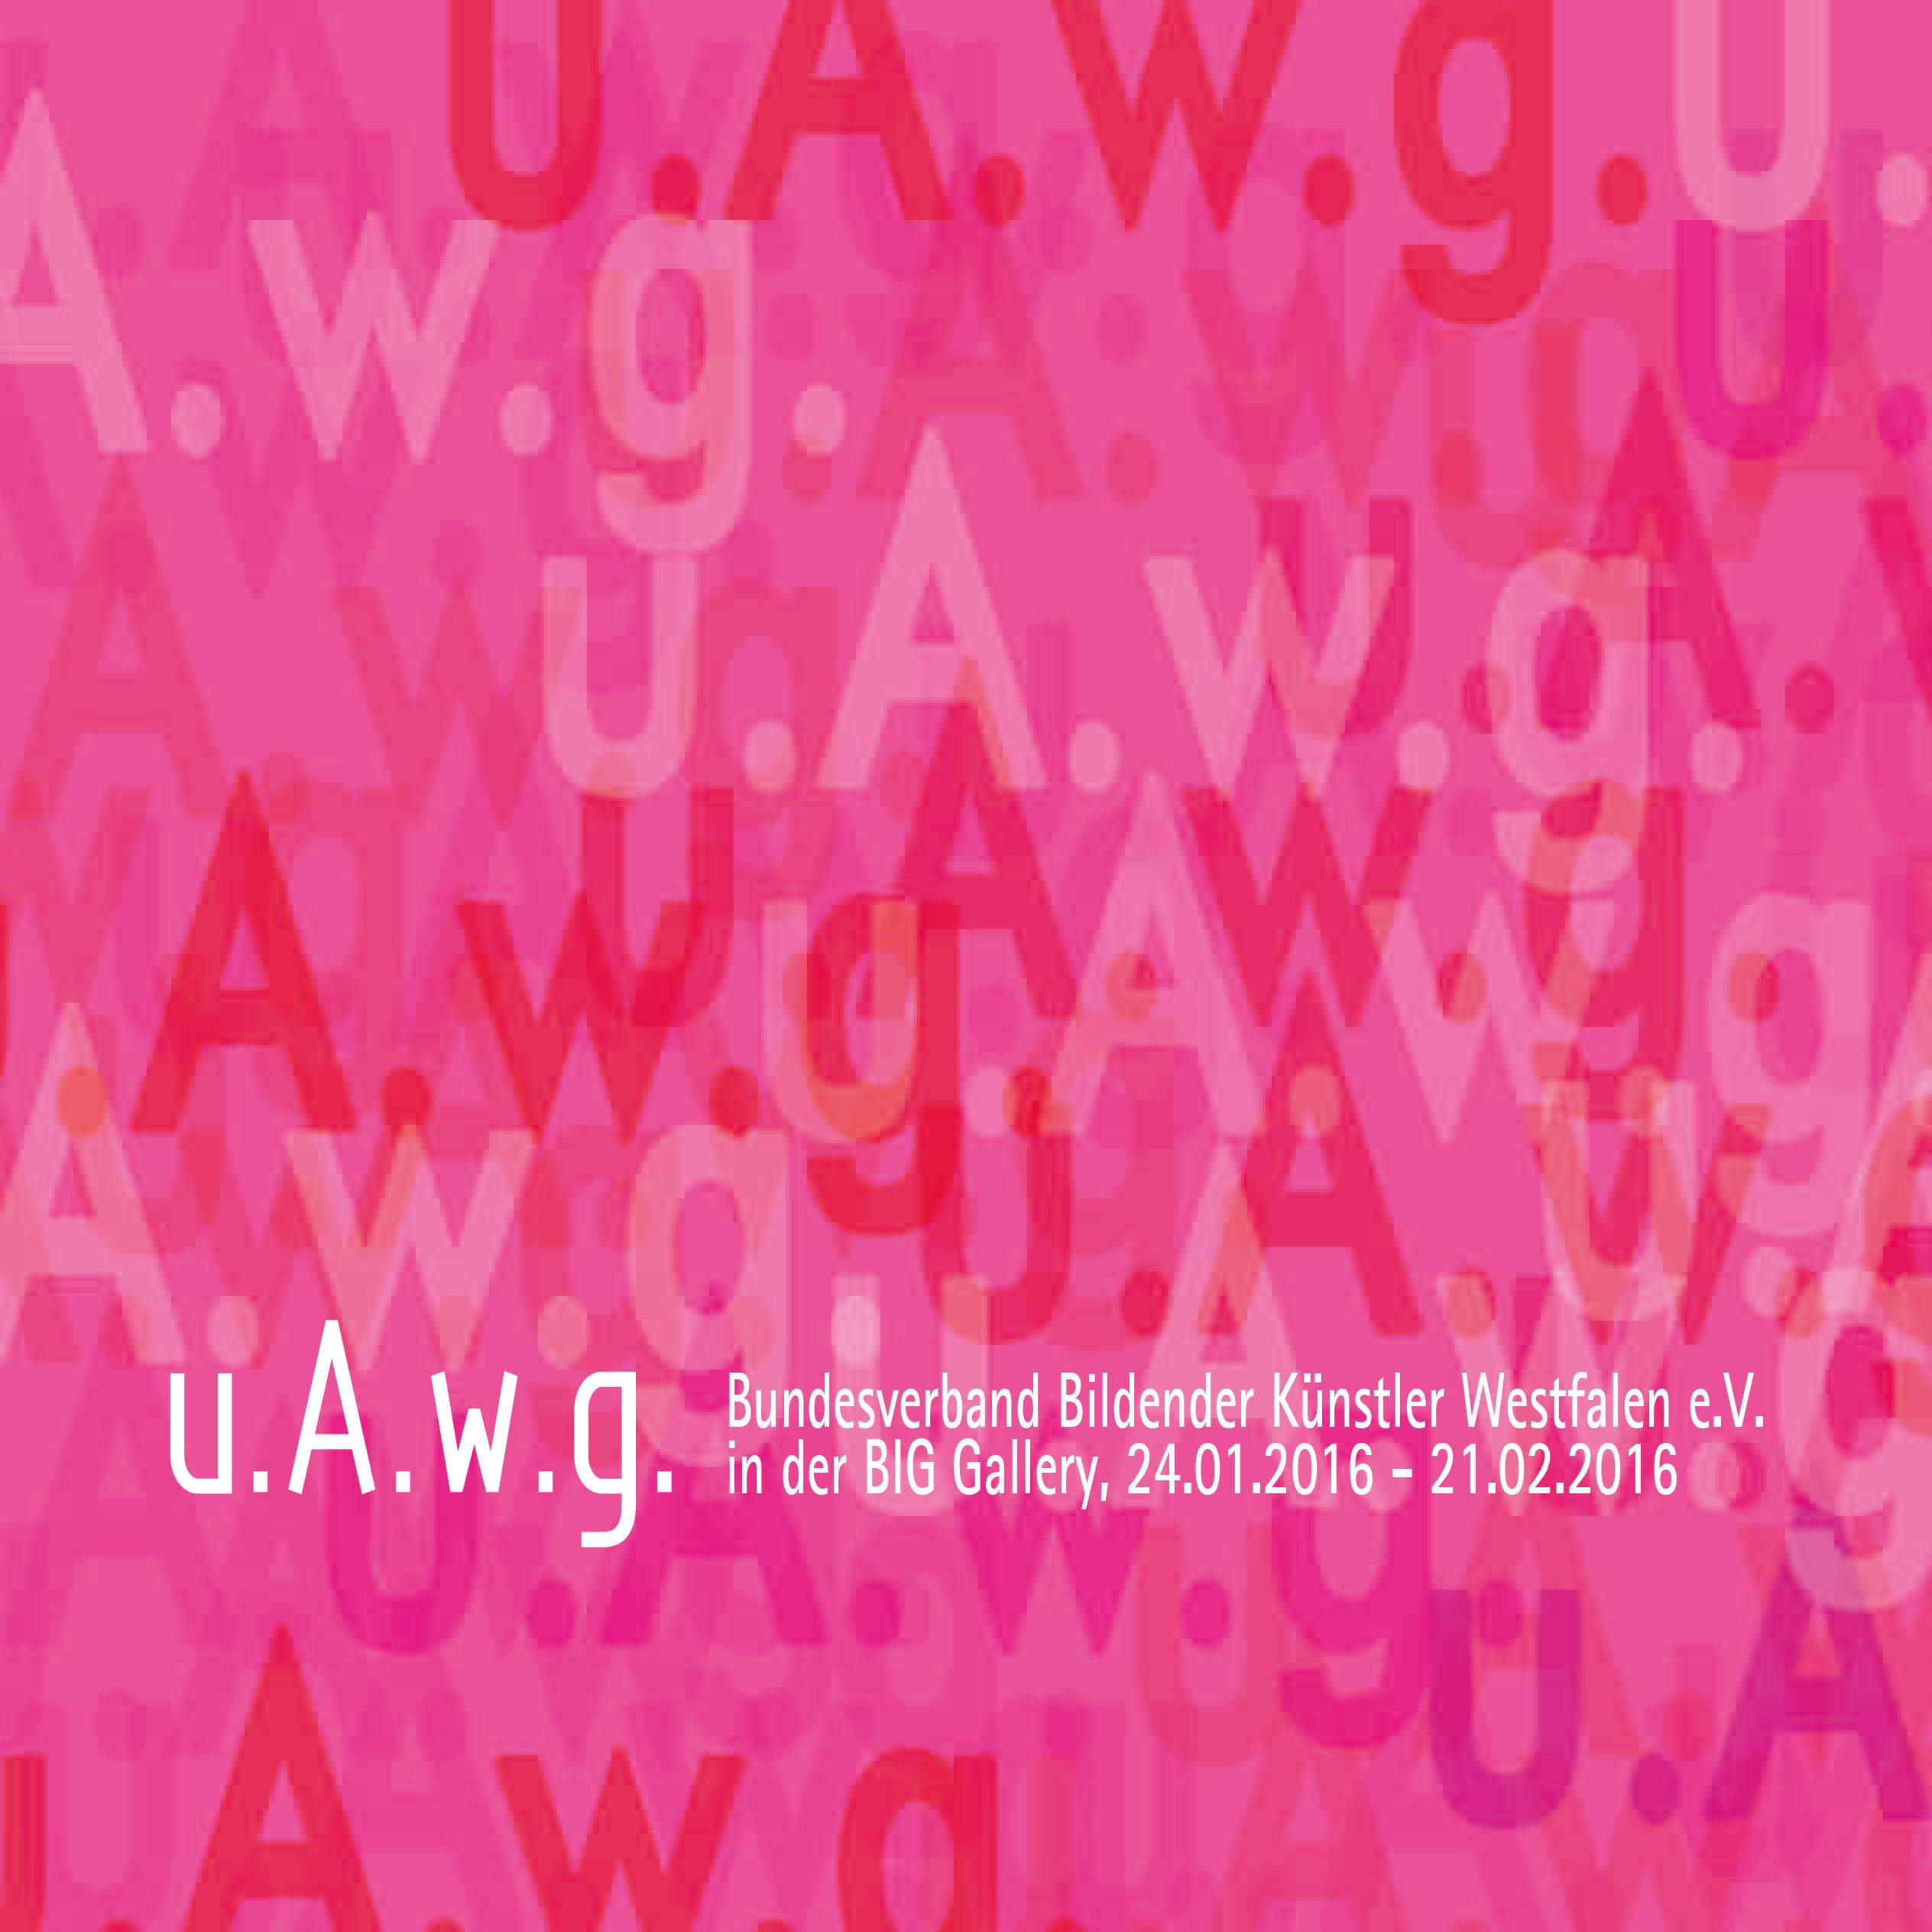 Einladung_u.A.w.g-1